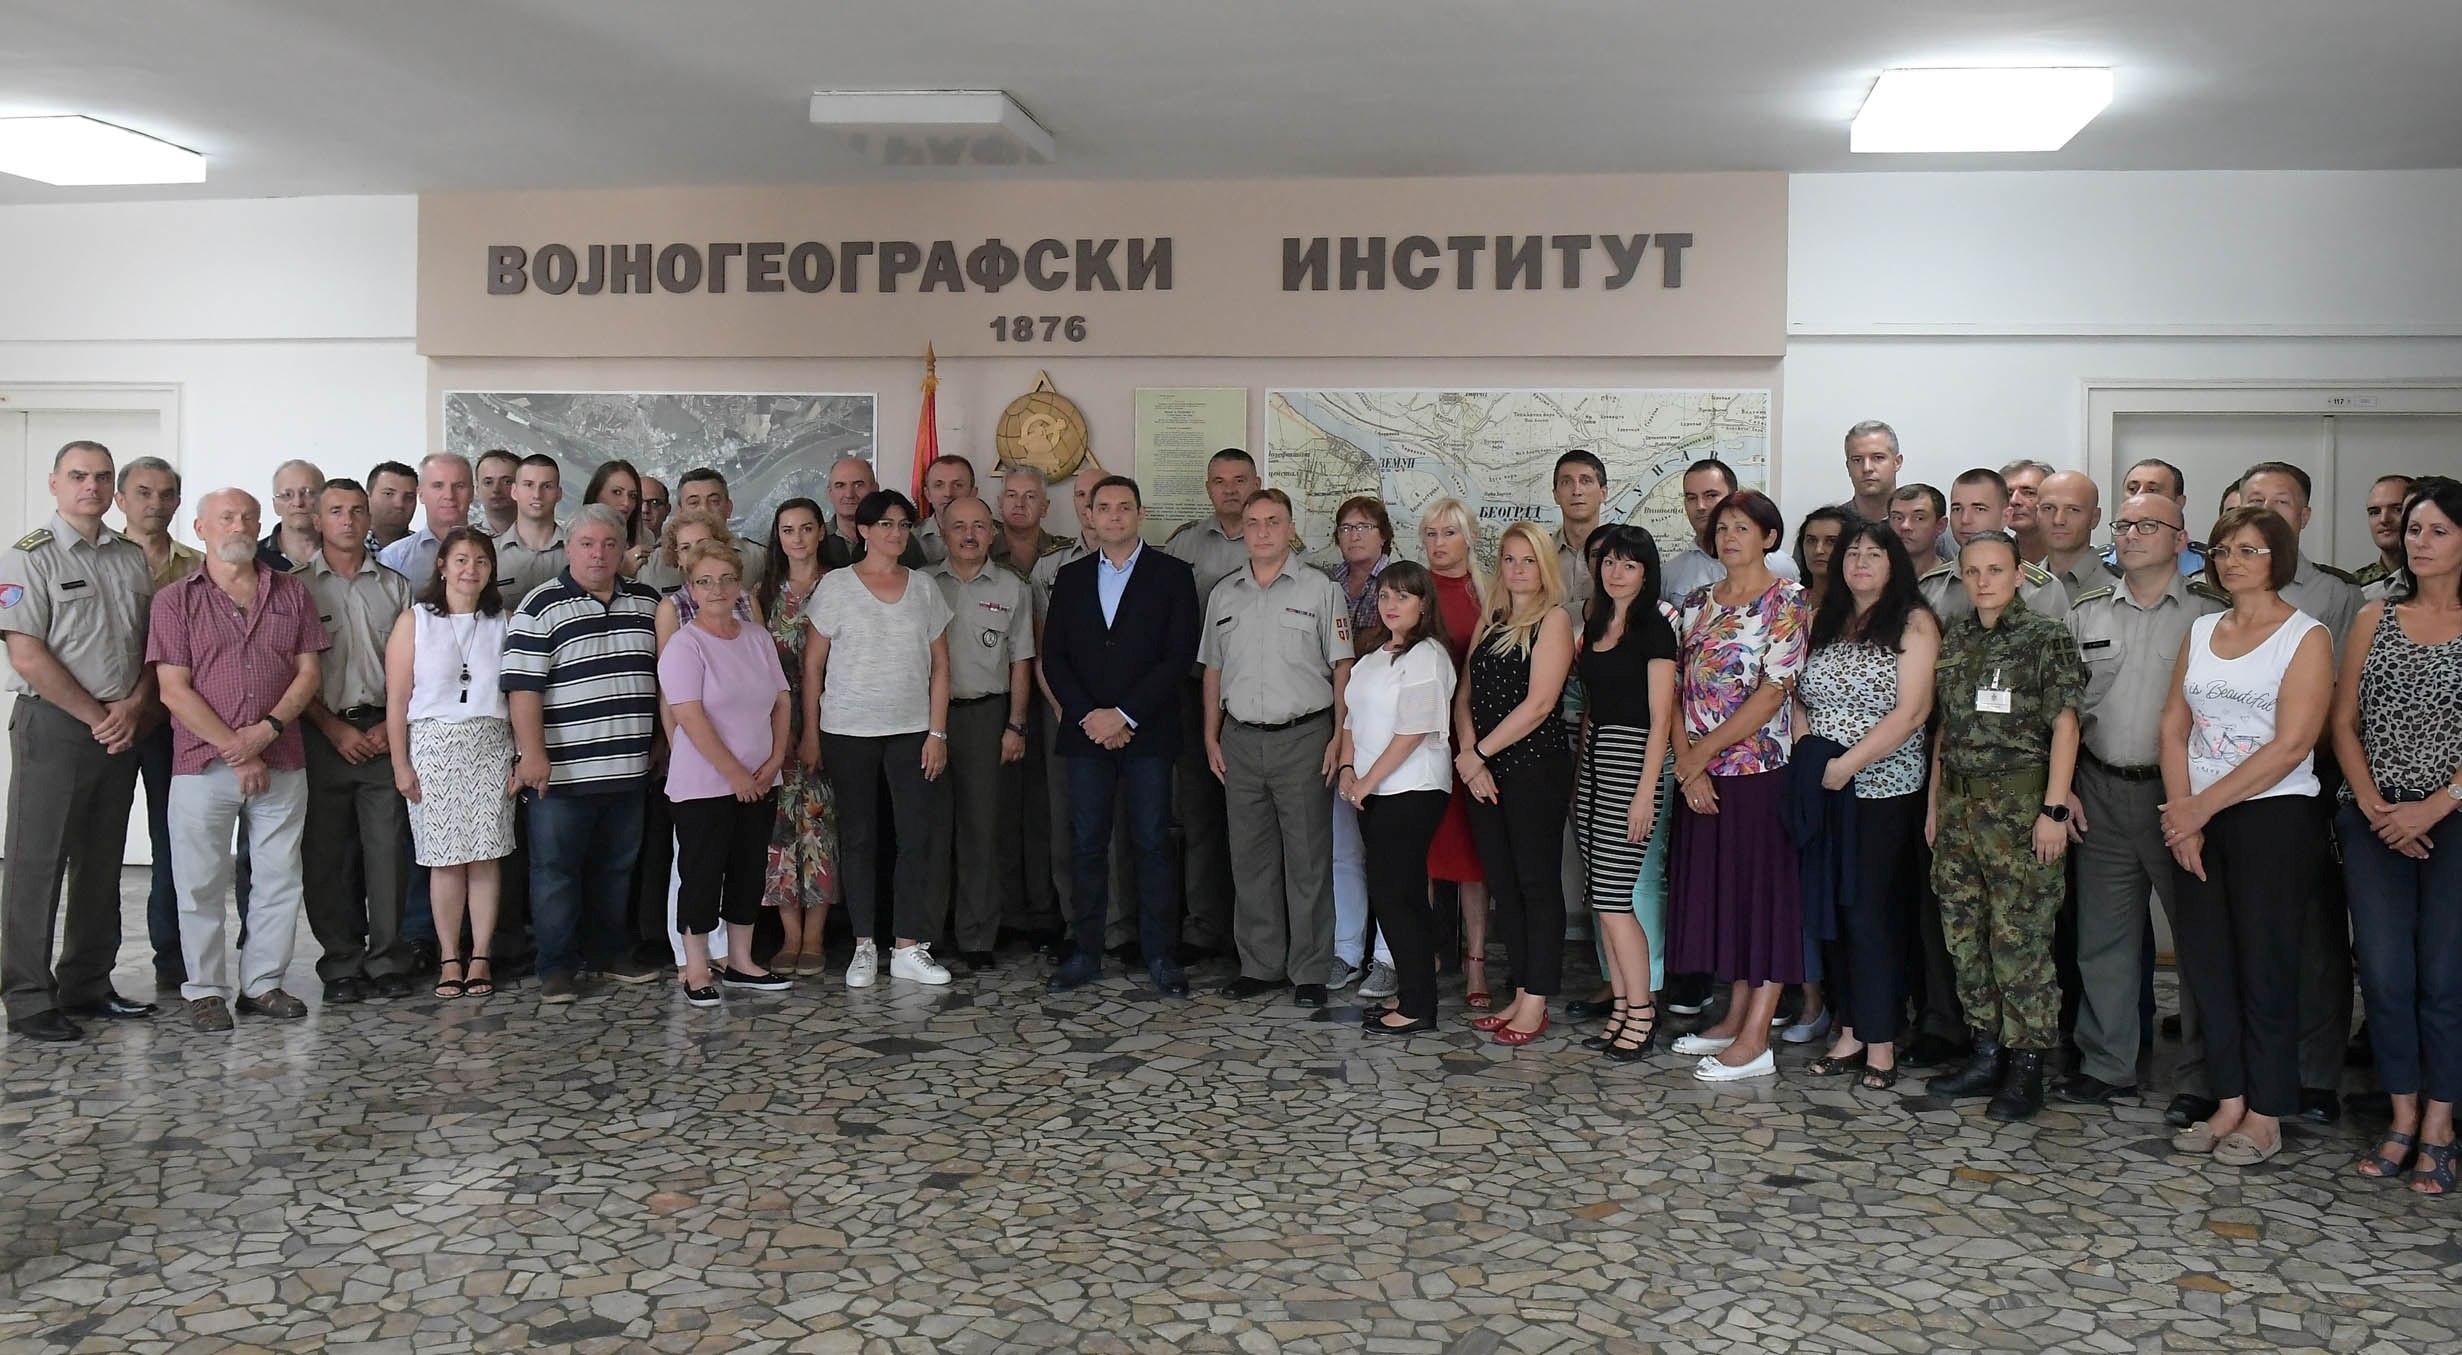 Министар одбране Александар Вулин обишао Војногеографски институт